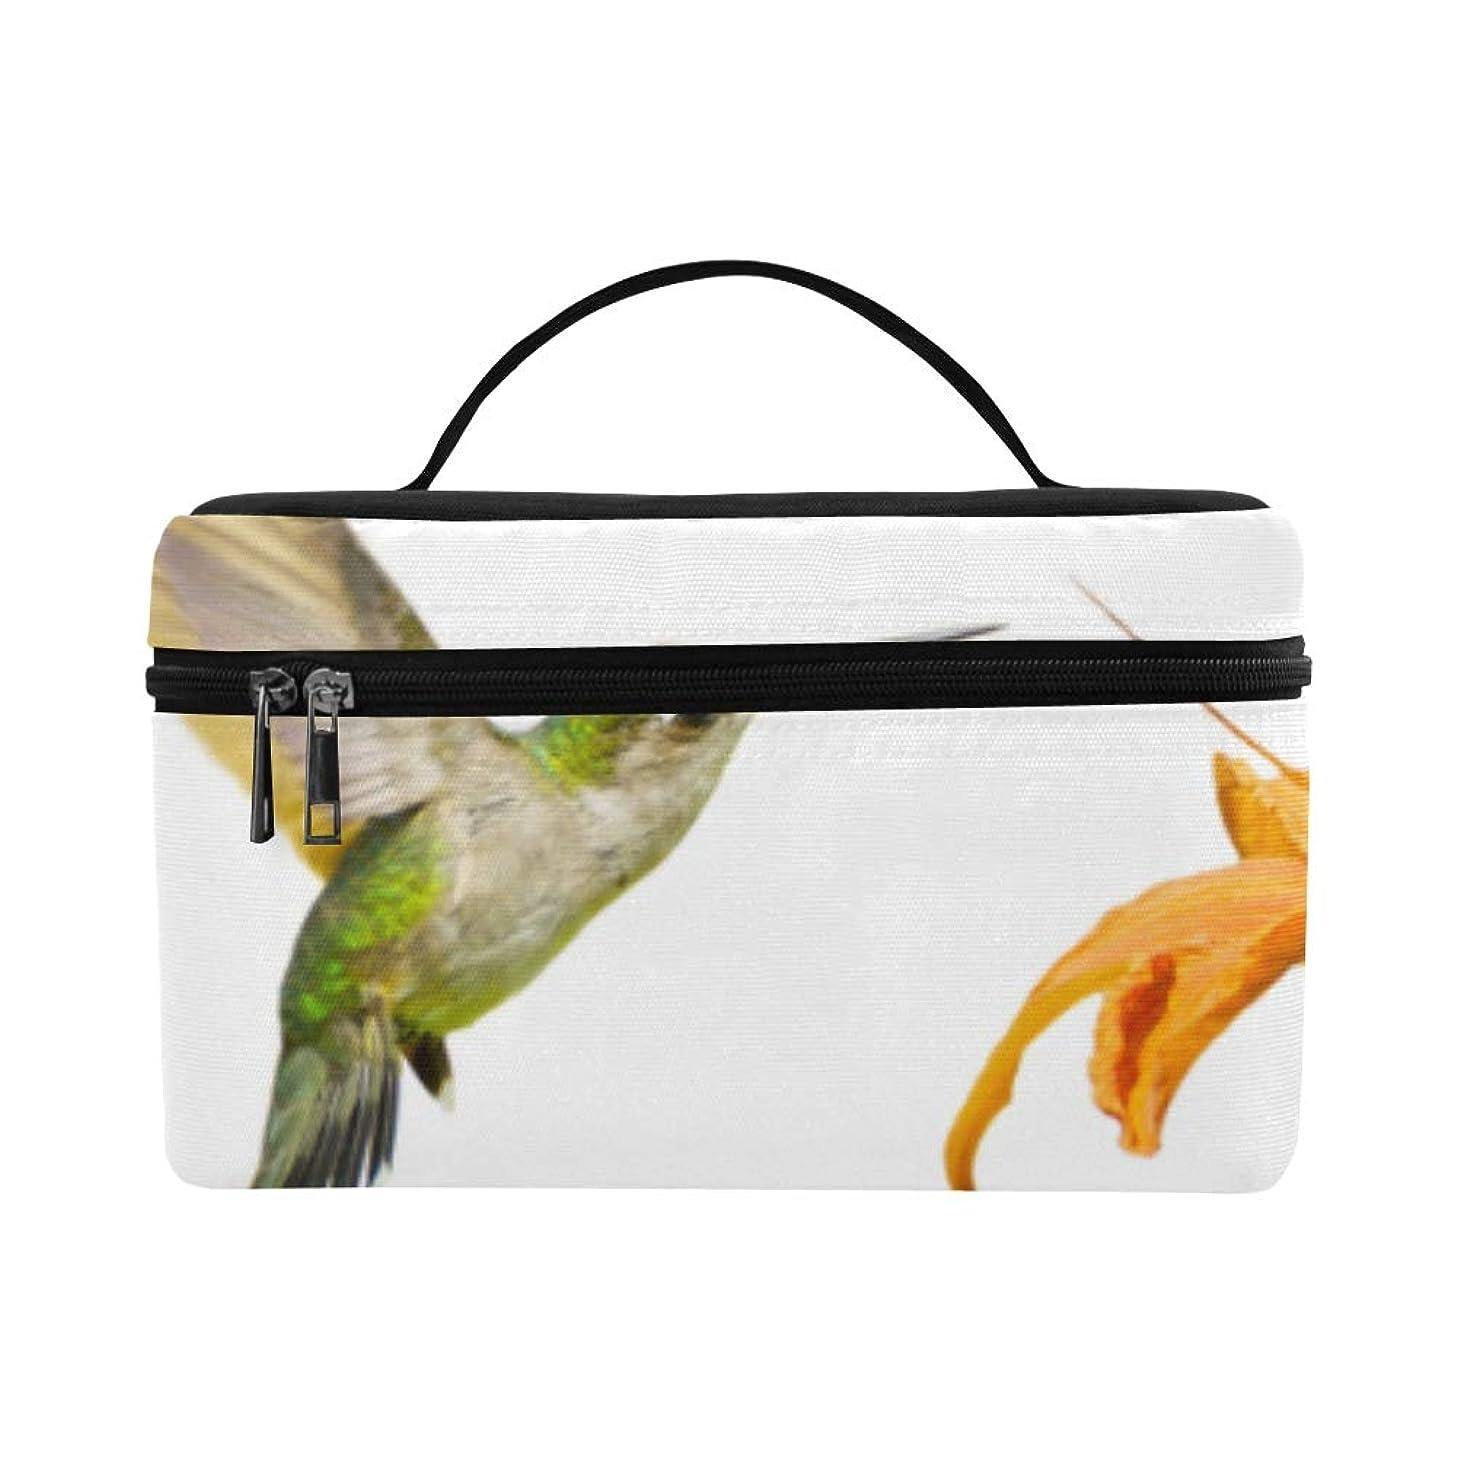 コイルスティーブンソンアスペクトKWESG メイクボックス かわいい動物 鳥 ハチドリ コスメ収納 化粧品収納ケース 大容量 収納ボックス 化粧品入れ 化粧バッグ 旅行用 メイクブラシバッグ 化粧箱 持ち運び便利 プロ用